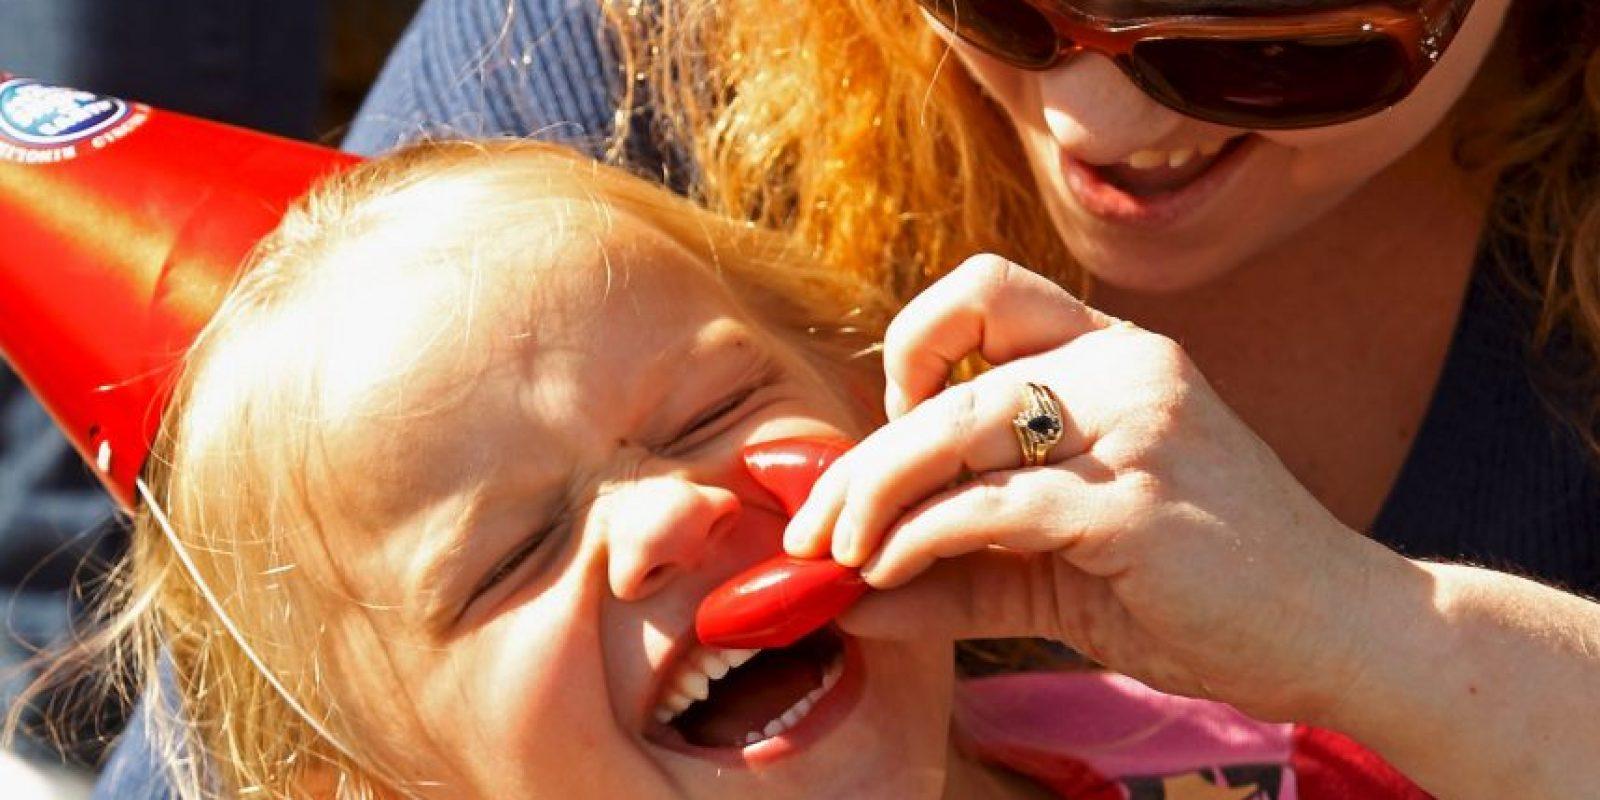 A la edad de los 4 años puede aumentar la probabilidad de que sea maltratado. Foto:Getty Images